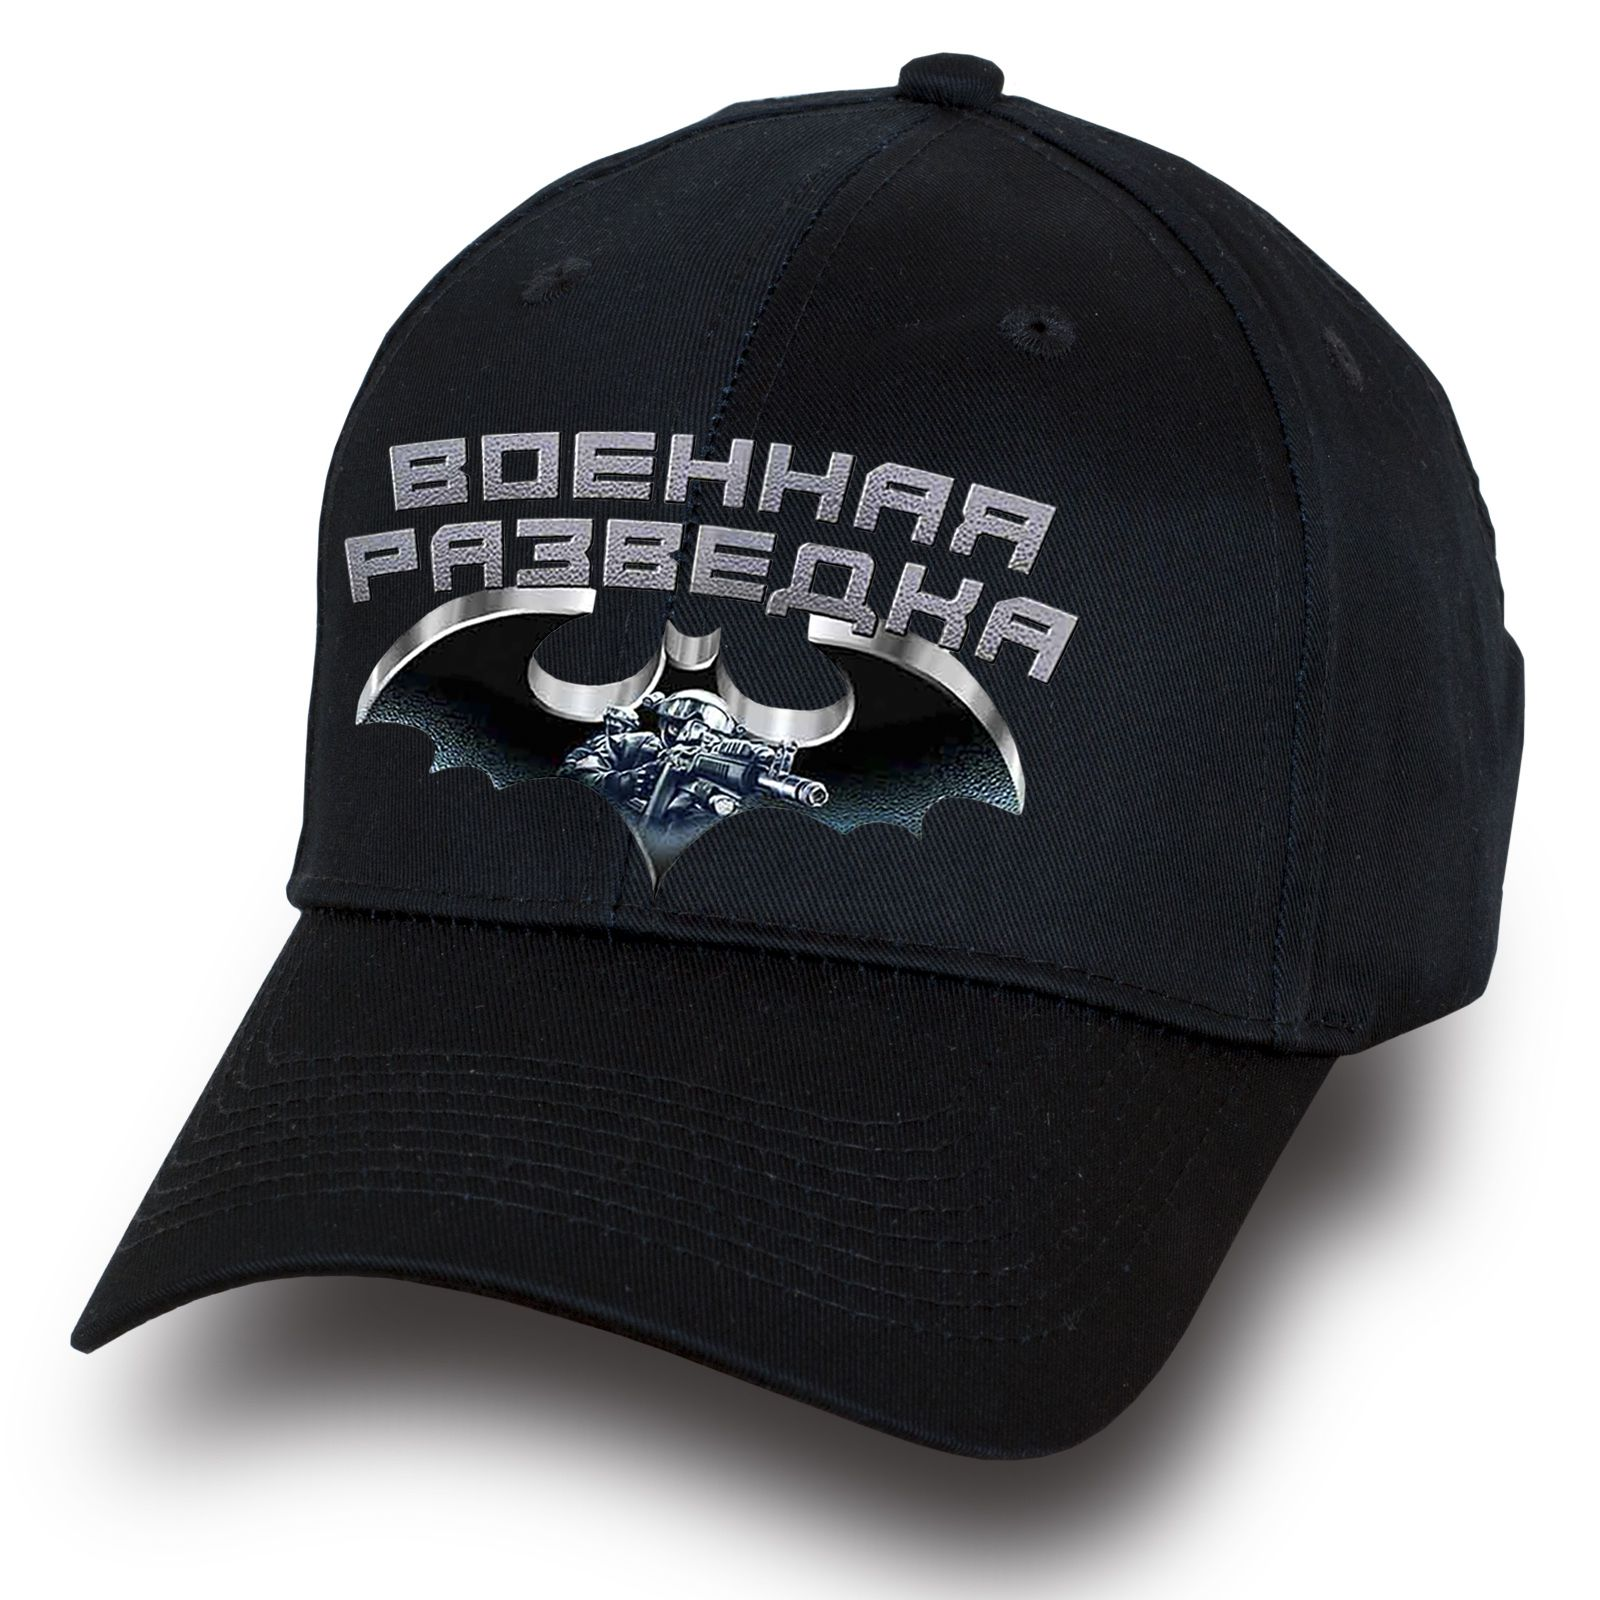 """Бейсболка """"Военная разведка"""" - купить онлайн с доставкой"""